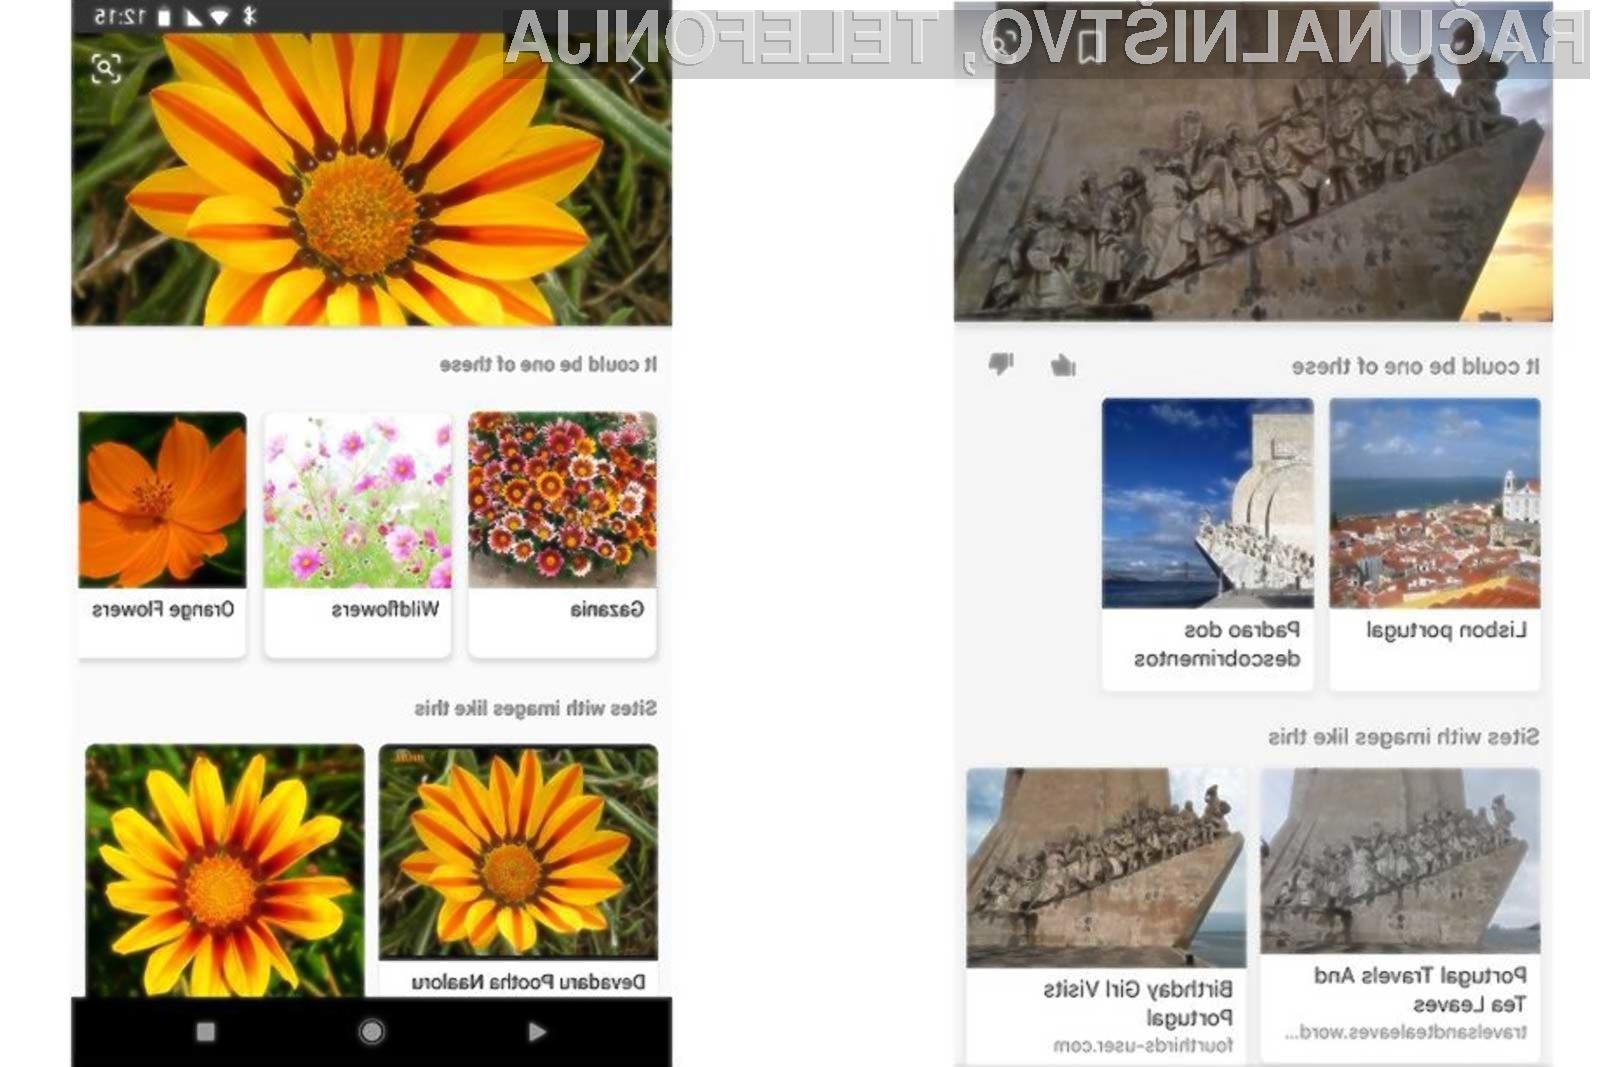 Novi Bing lahko po spletu išče tudi zgolj s pomočjo zajetih fotografij!